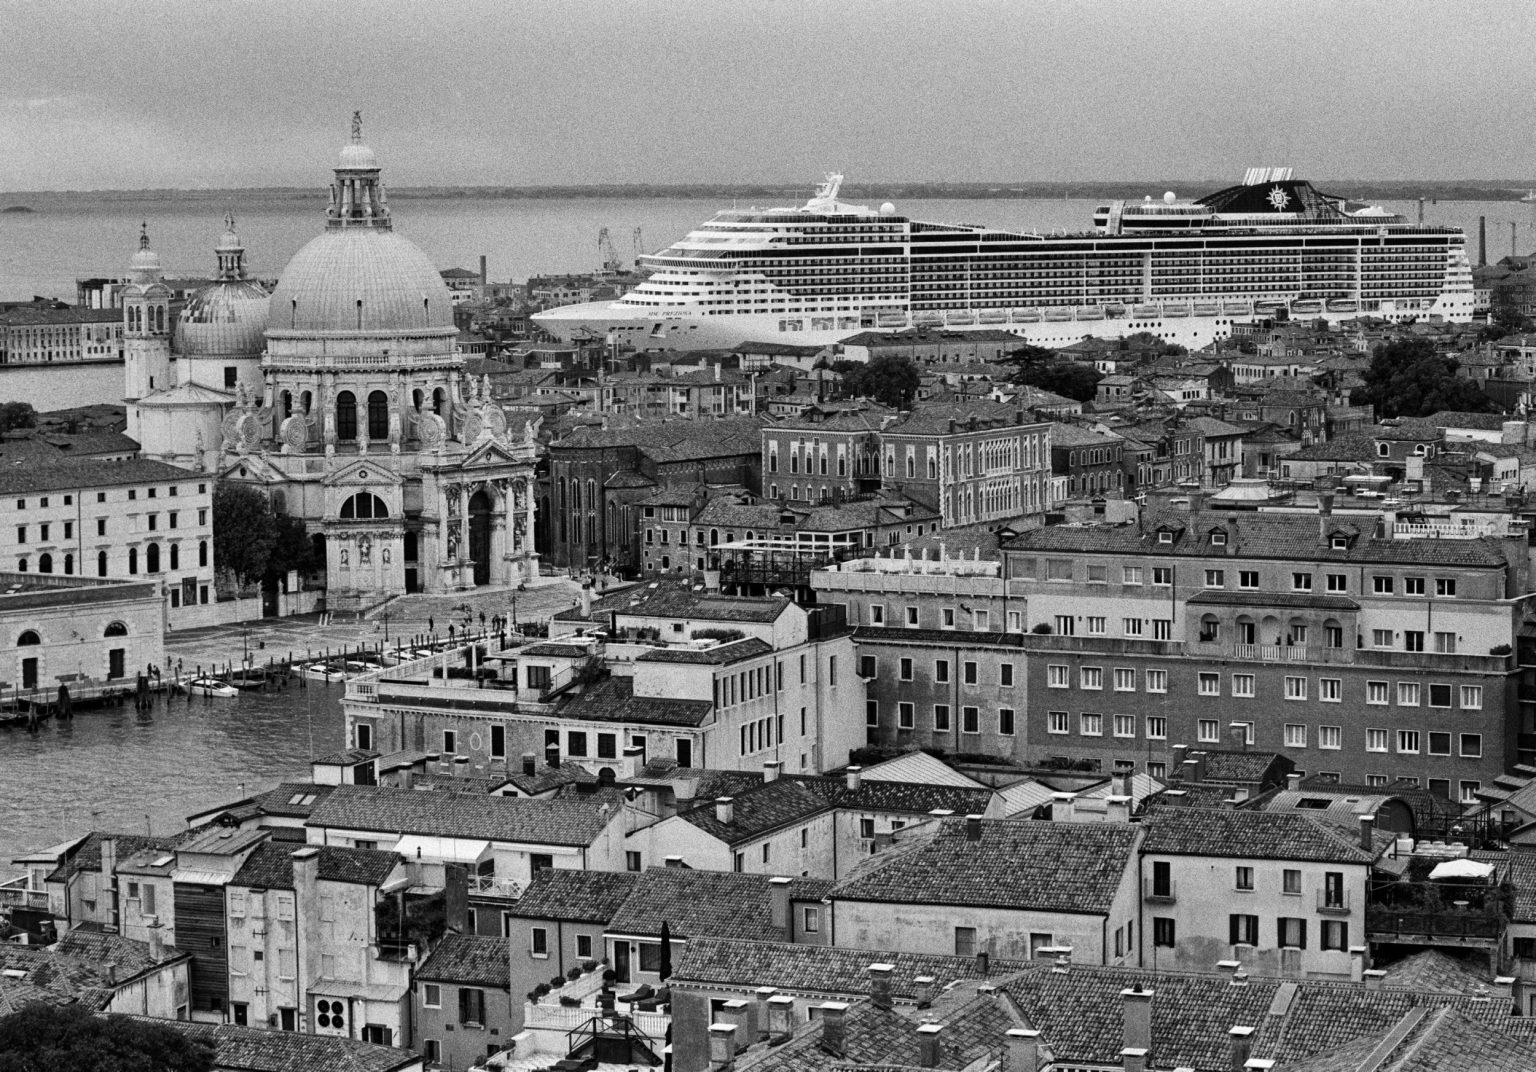 """Venice, August 2013 - Big cruise liners invade the city - MSC Preziosa cruise ship passing by the old town ><  Venezia, agosto 2013 - Le grandi navi da crociera invadono la città - La MSC Preziosa passa davanti al centro storico<p><span style=""""color: #ff0000""""><strong>*** SPECIAL   FEE   APPLIES ***</strong></span></p>*** SPECIAL   FEE   APPLIES *** *** Local Caption *** 00527936"""